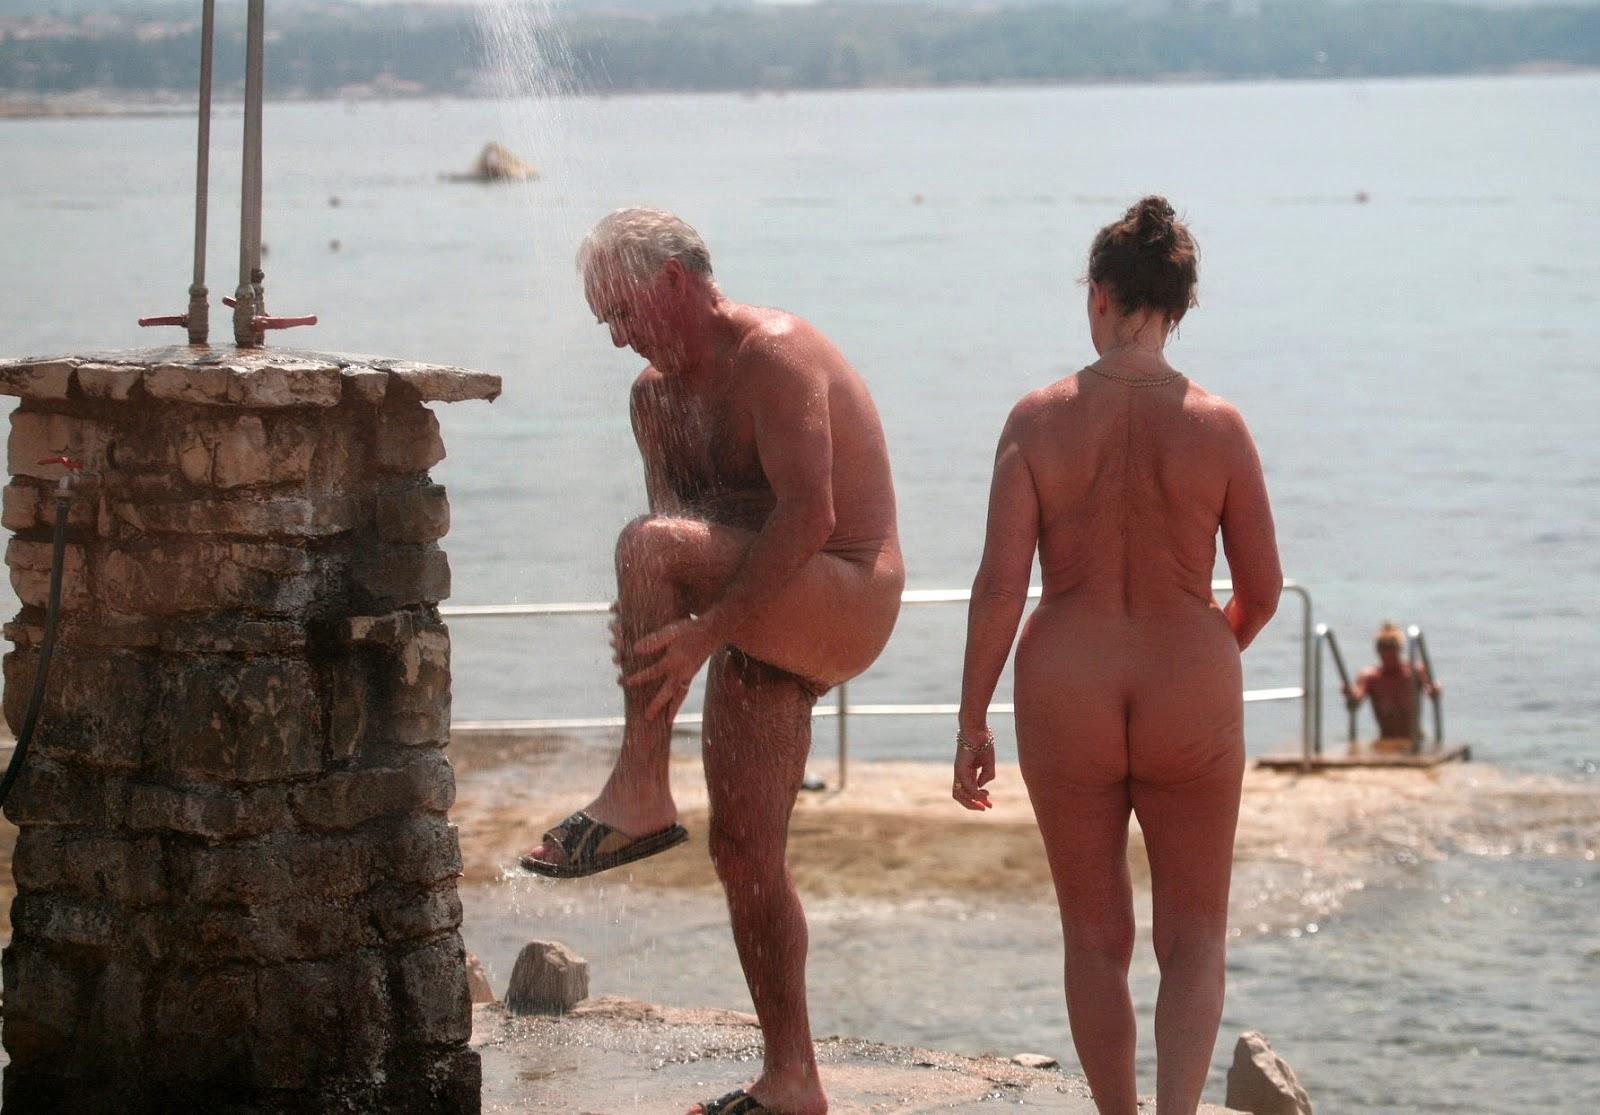 fkk nudist family